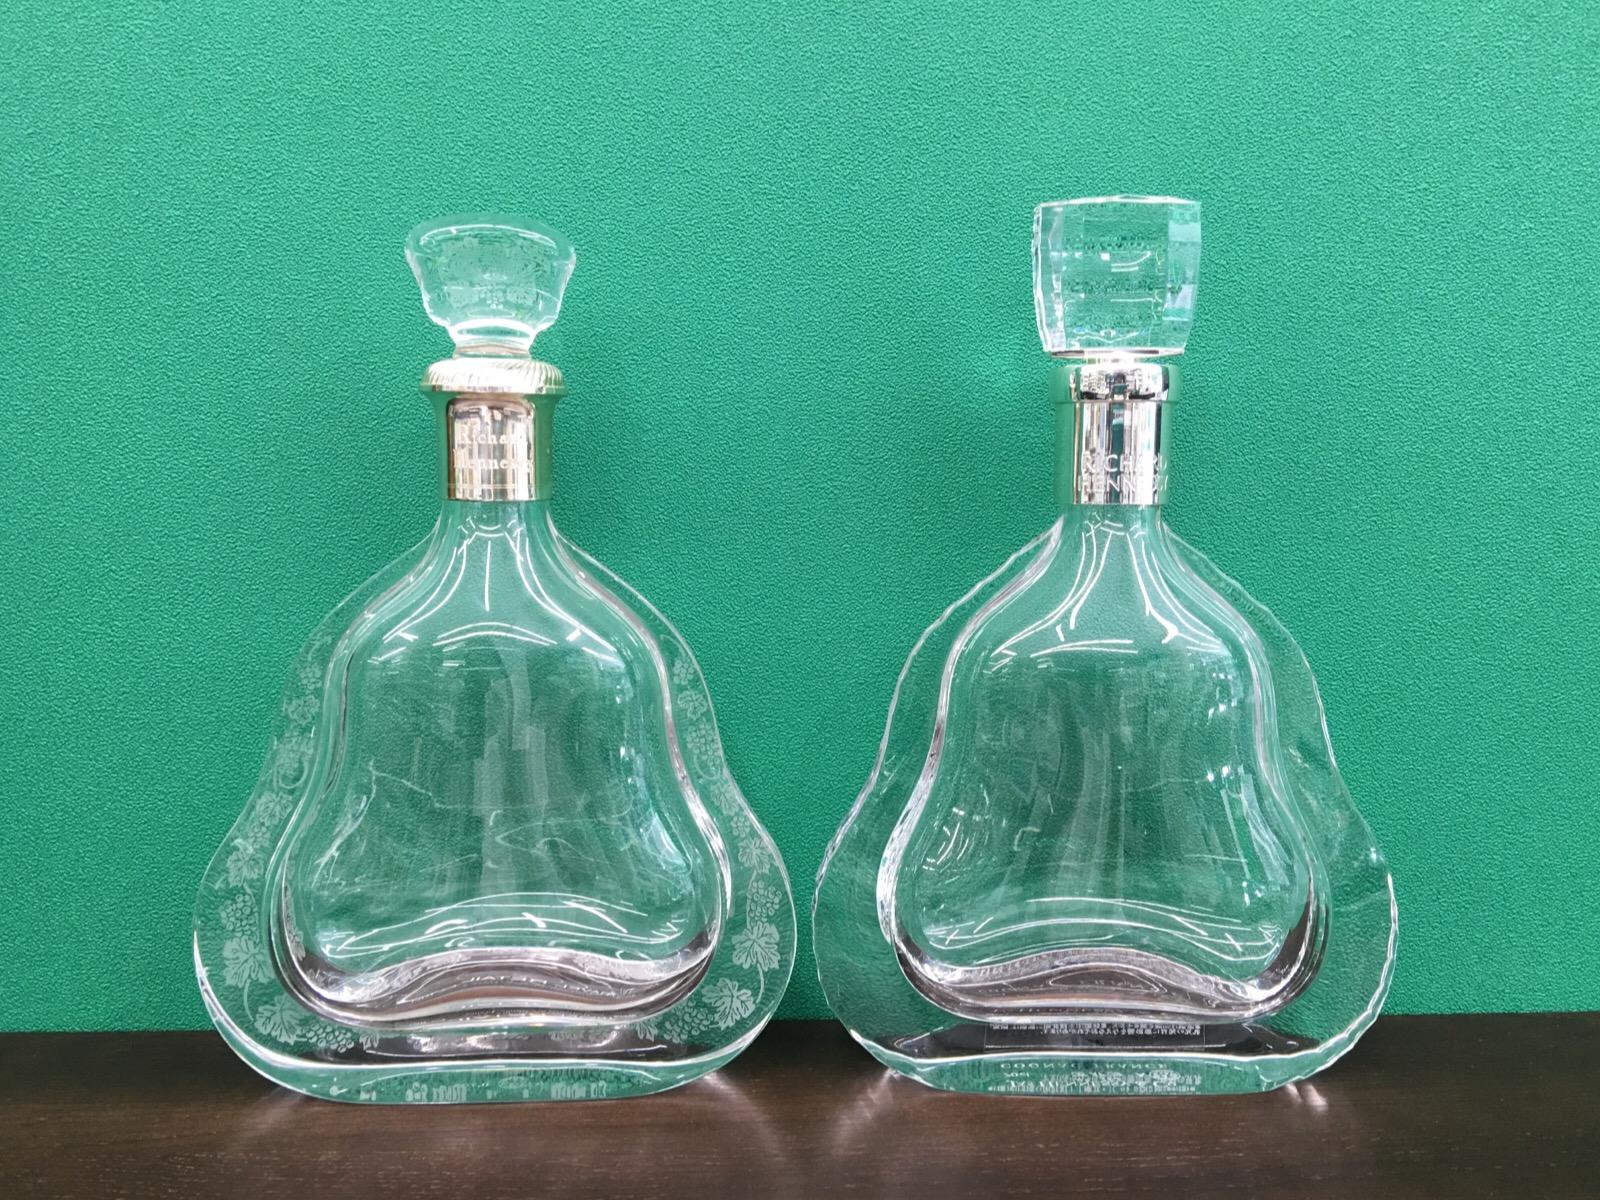 ヘネシー リシャール 新・旧の空ボトル